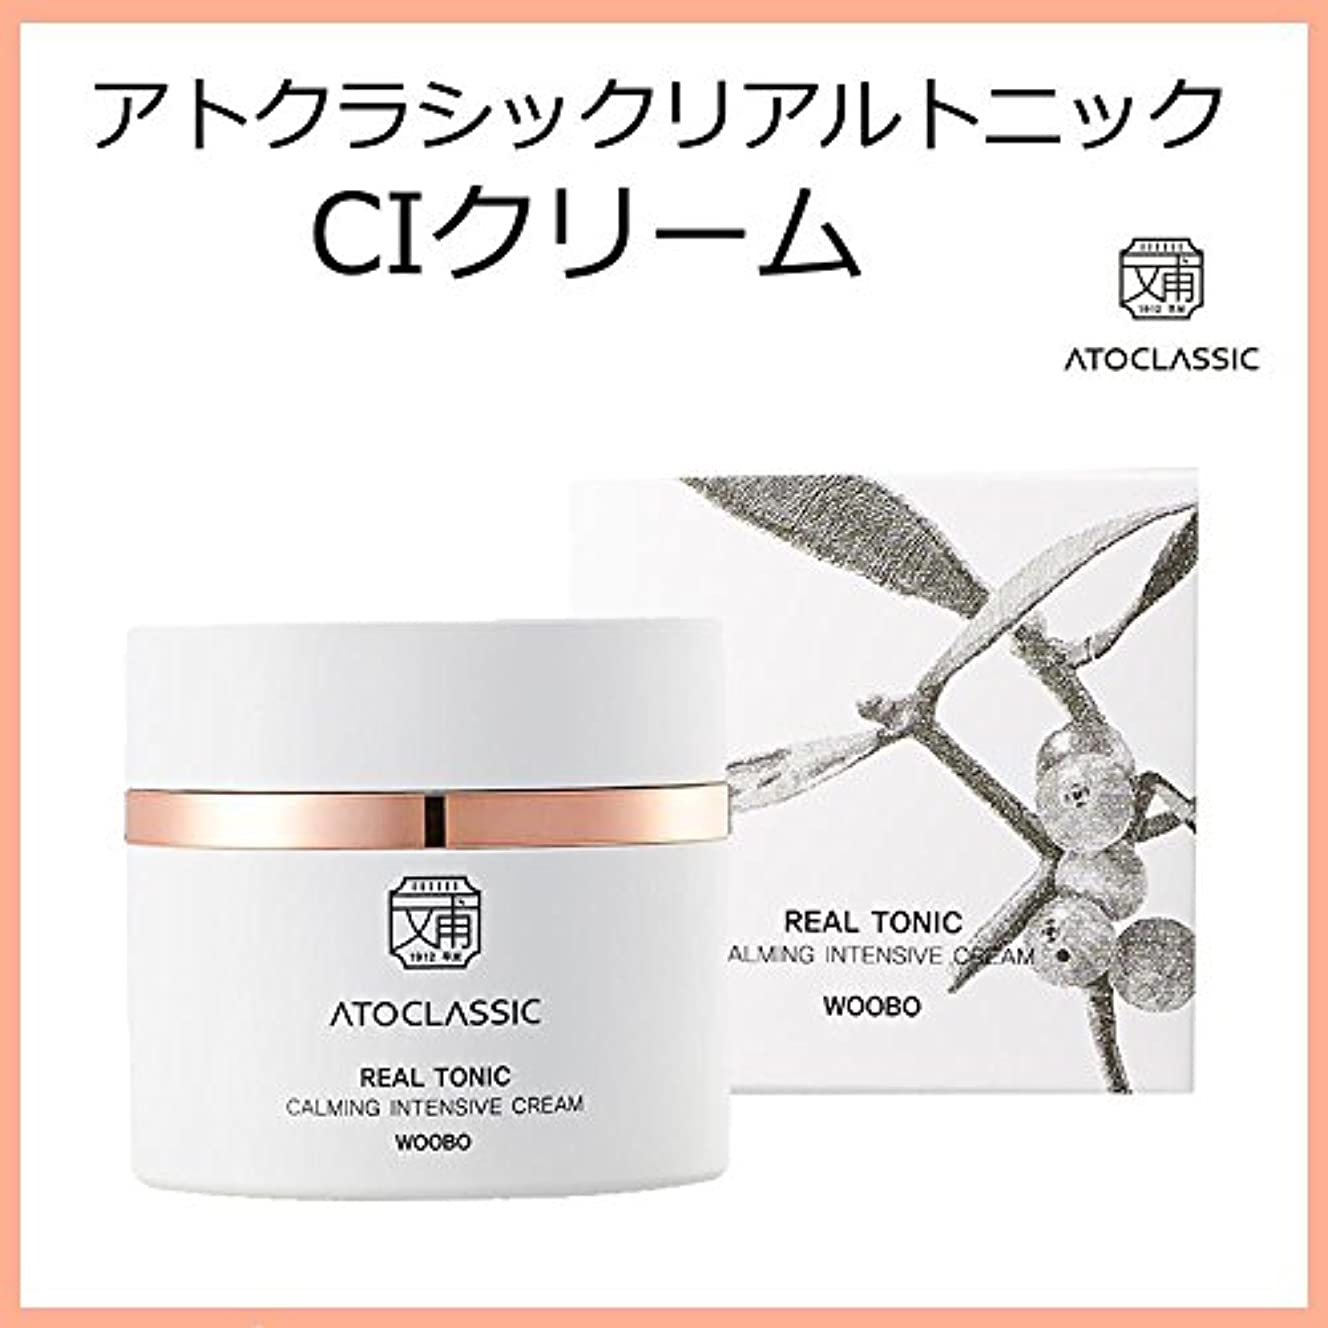 約伝説レンジ韓国コスメ ATOCLASSIC アトクラシックリアルトニック CIクリーム(Calming Intensive Cream) 50ml